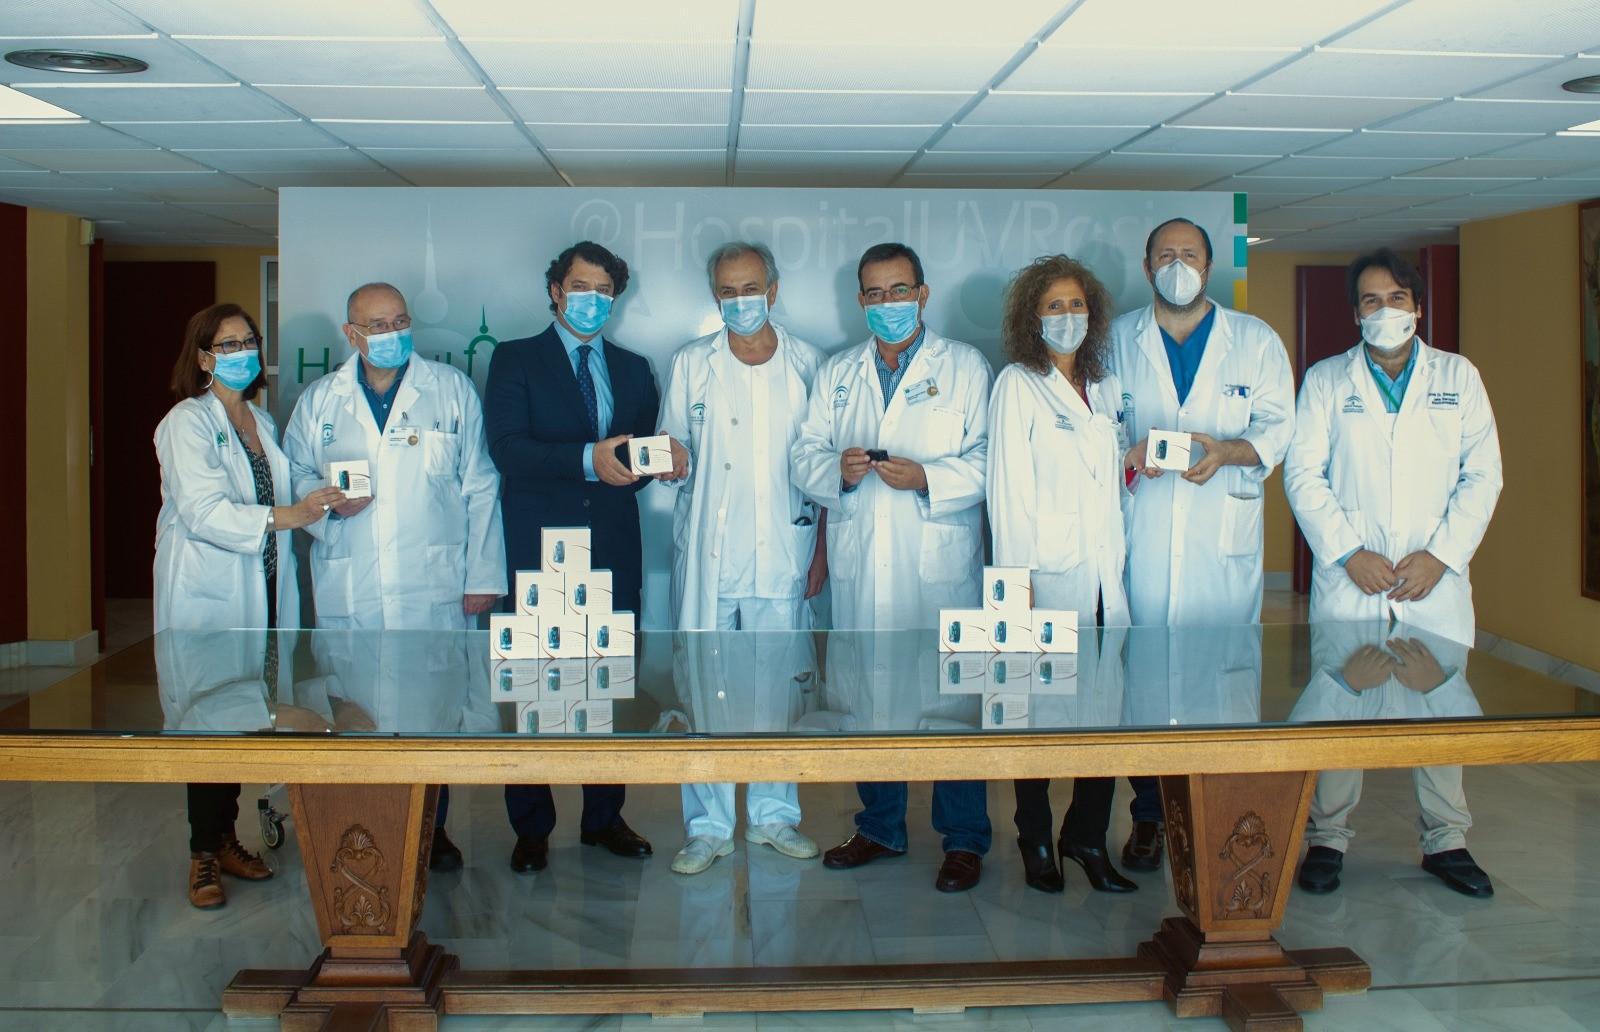 El proyecto Telecovid se lleva a cabo en el Hospital Virgen del Rocío de Sevilla.